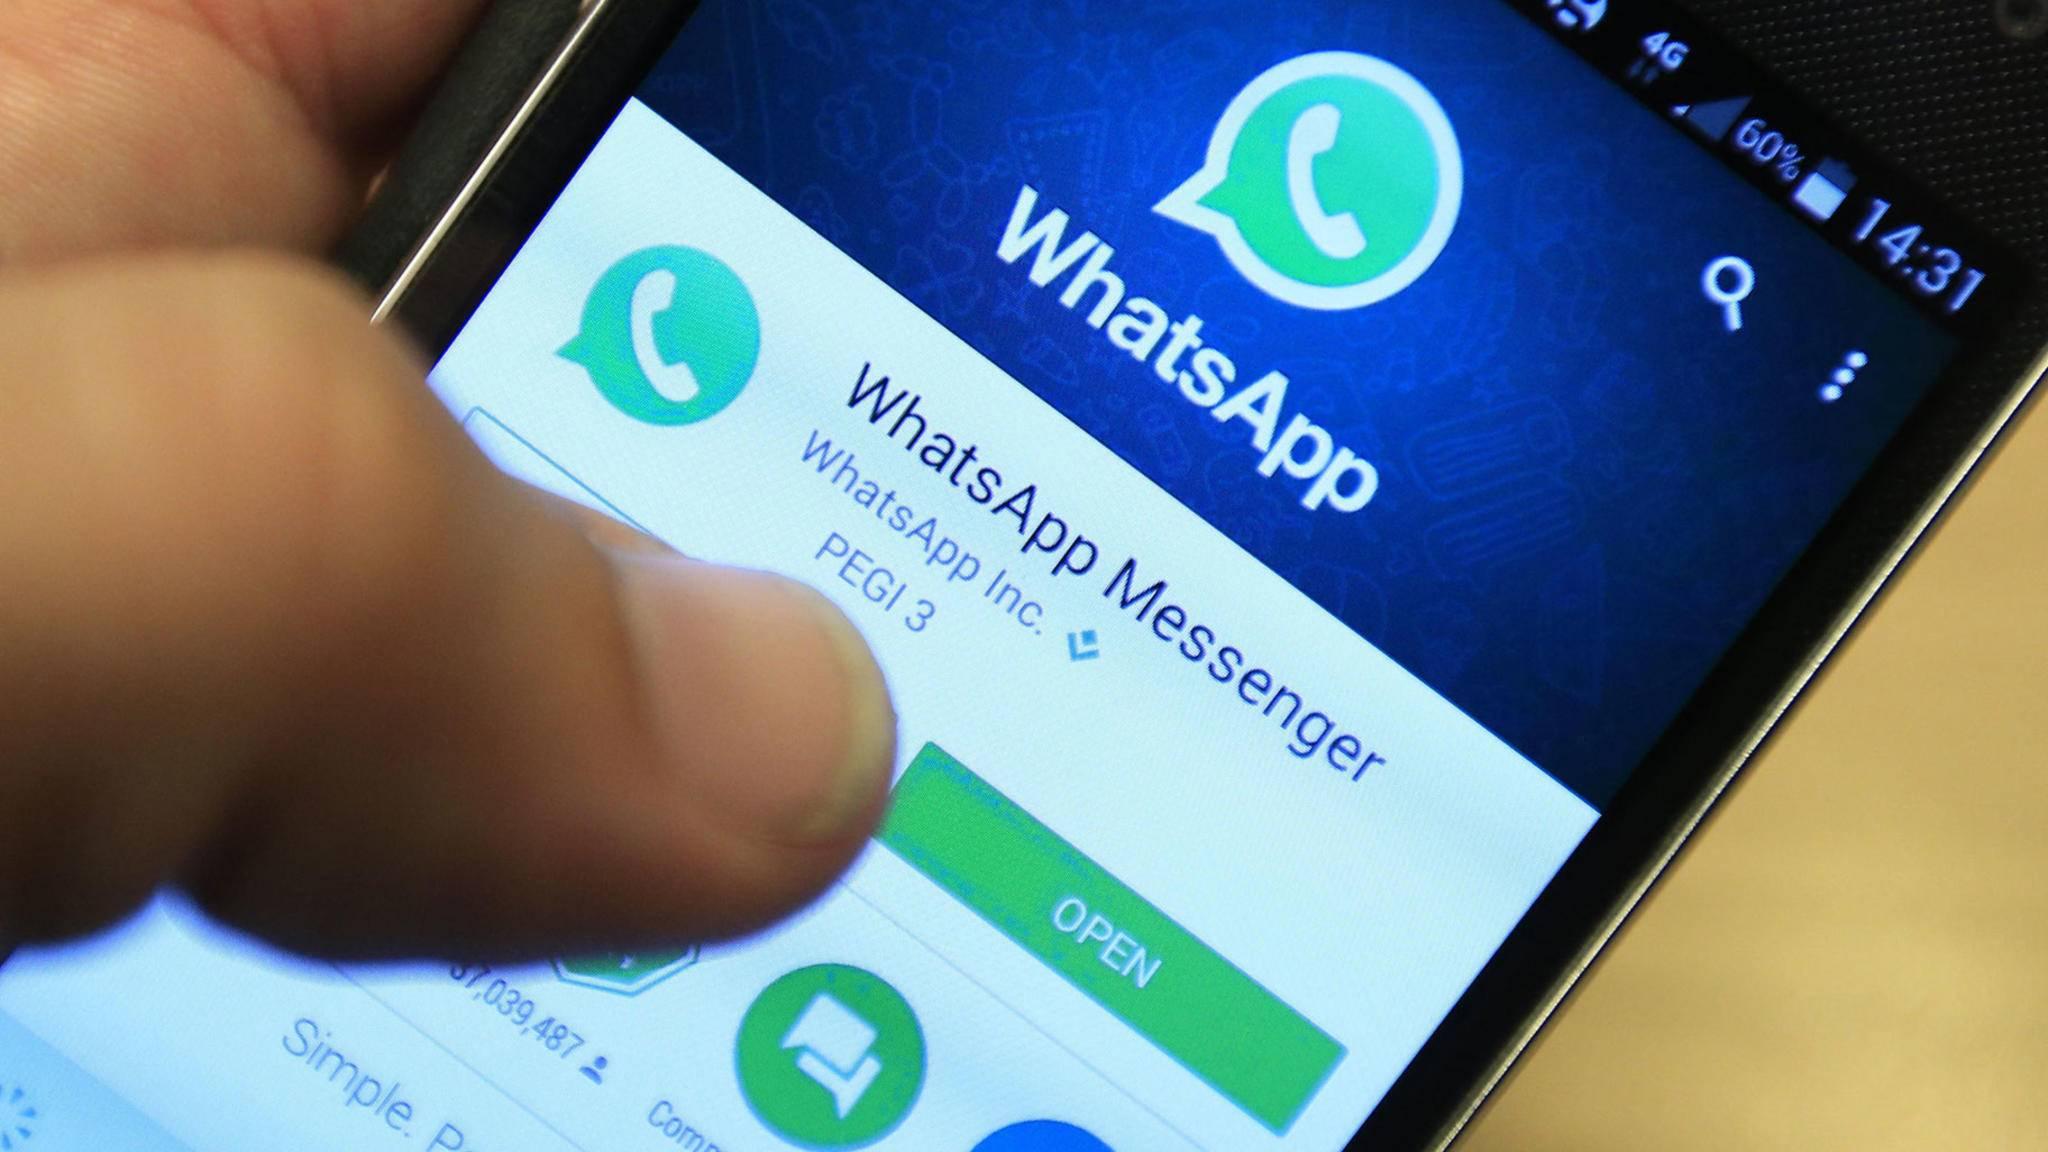 WhatsApp Play Store